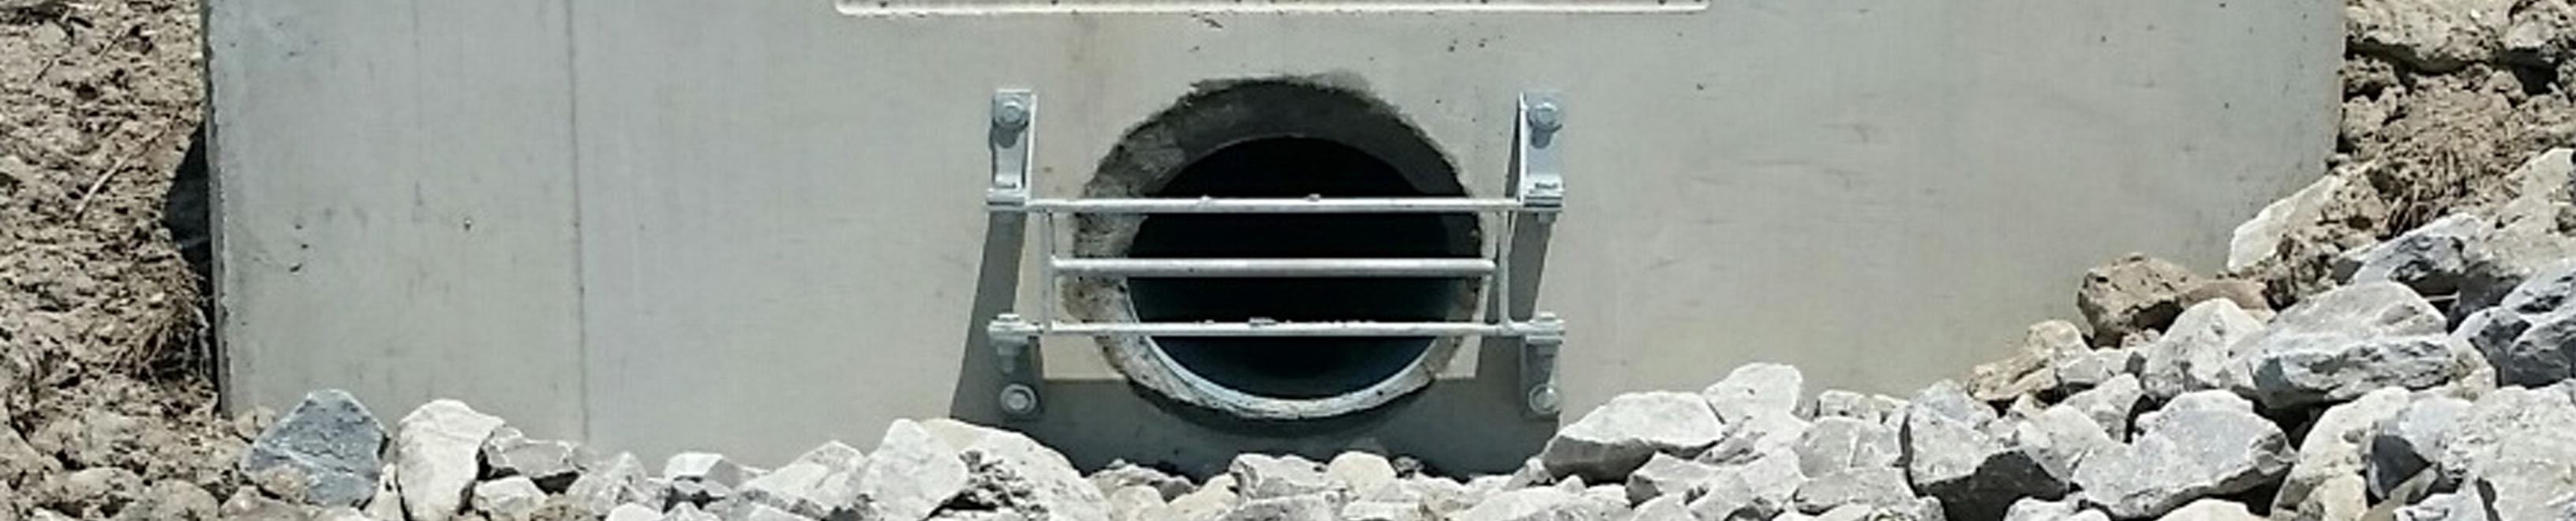 Flat Headwalls 804.03